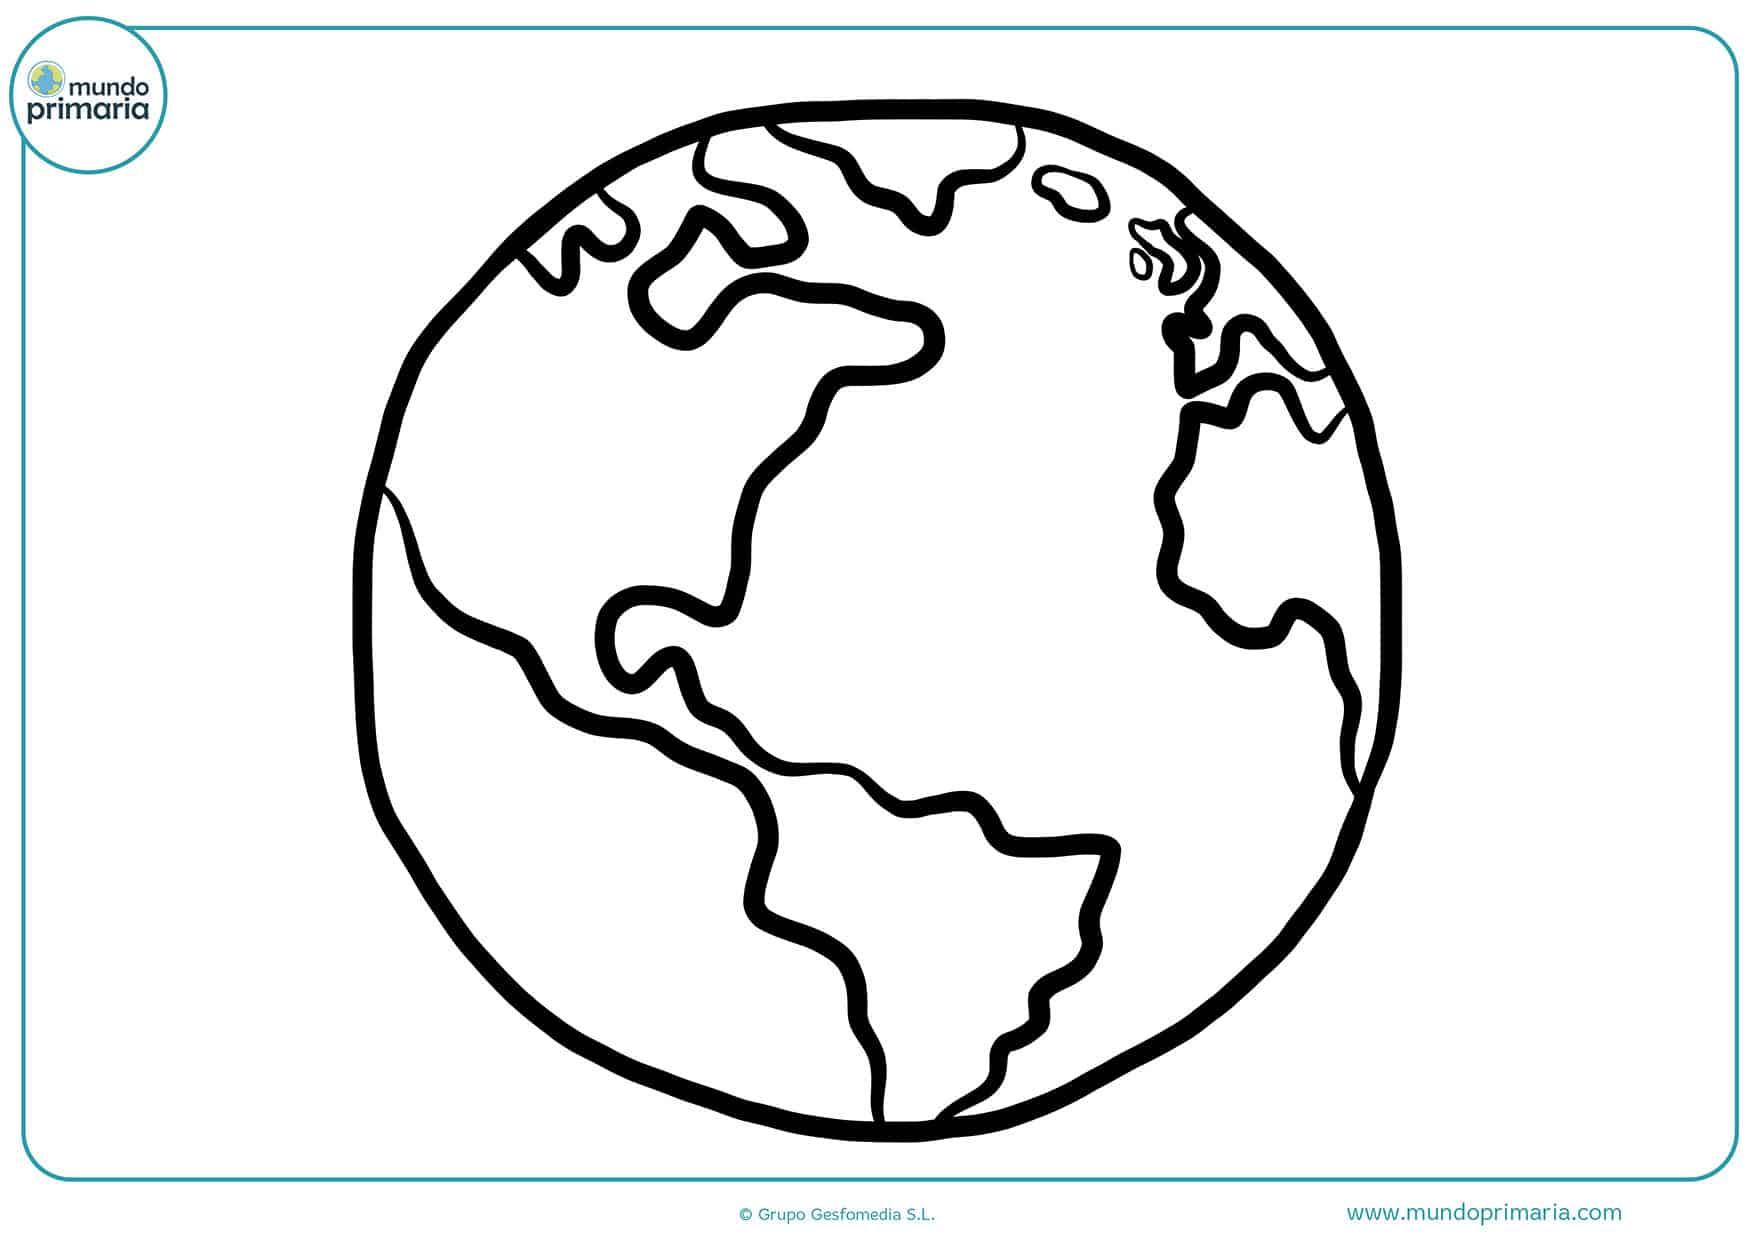 Colorear planetas dibujos primaria